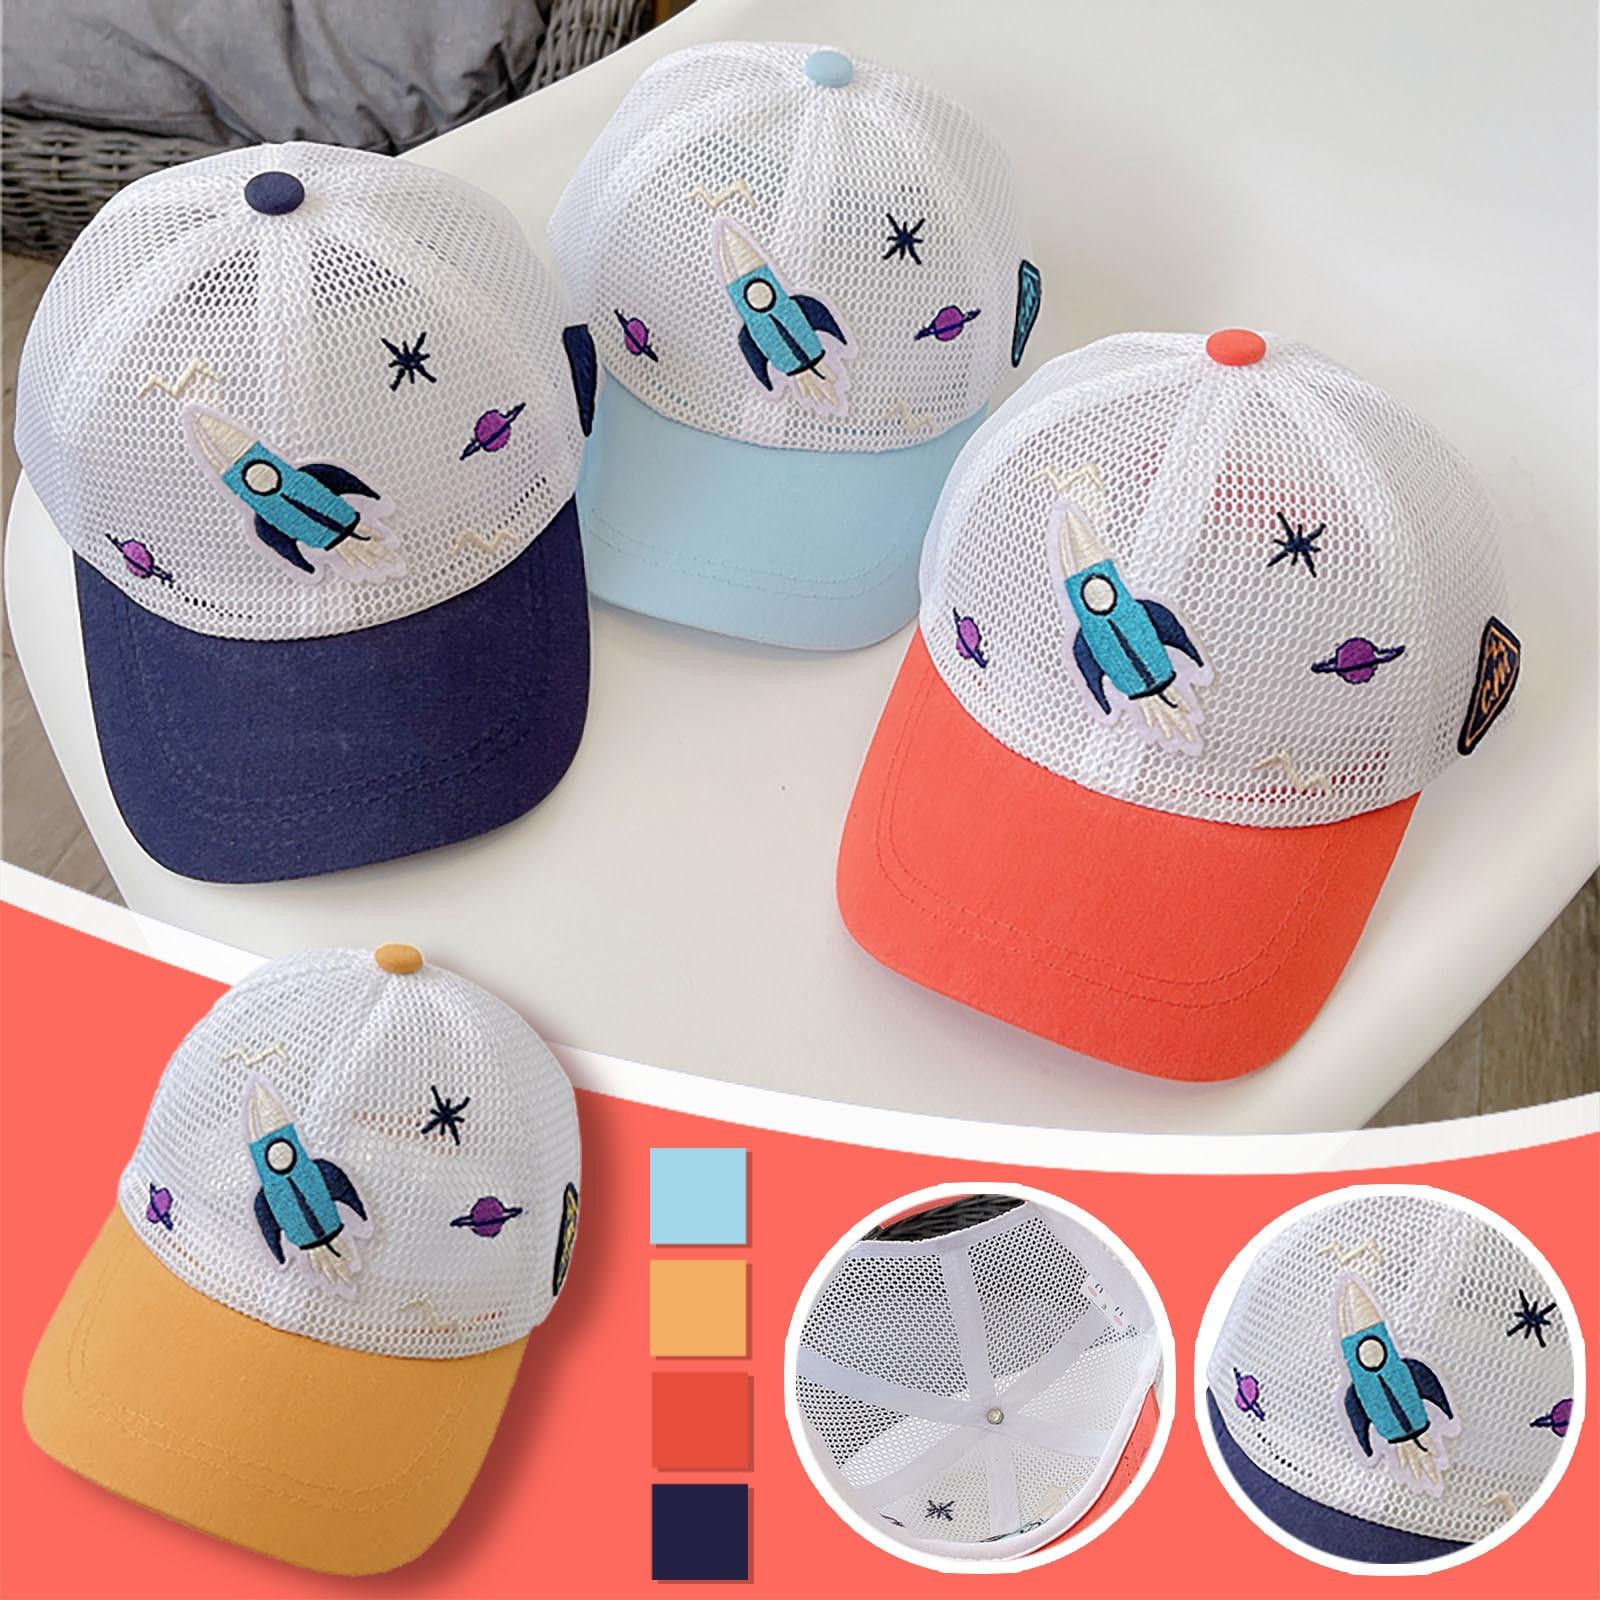 Baby baseball cap Kids Summer Breathable Outdoor Children Cartoon Star Rocket Baseball Cap Sun Hat baby hat  бейсболка детская